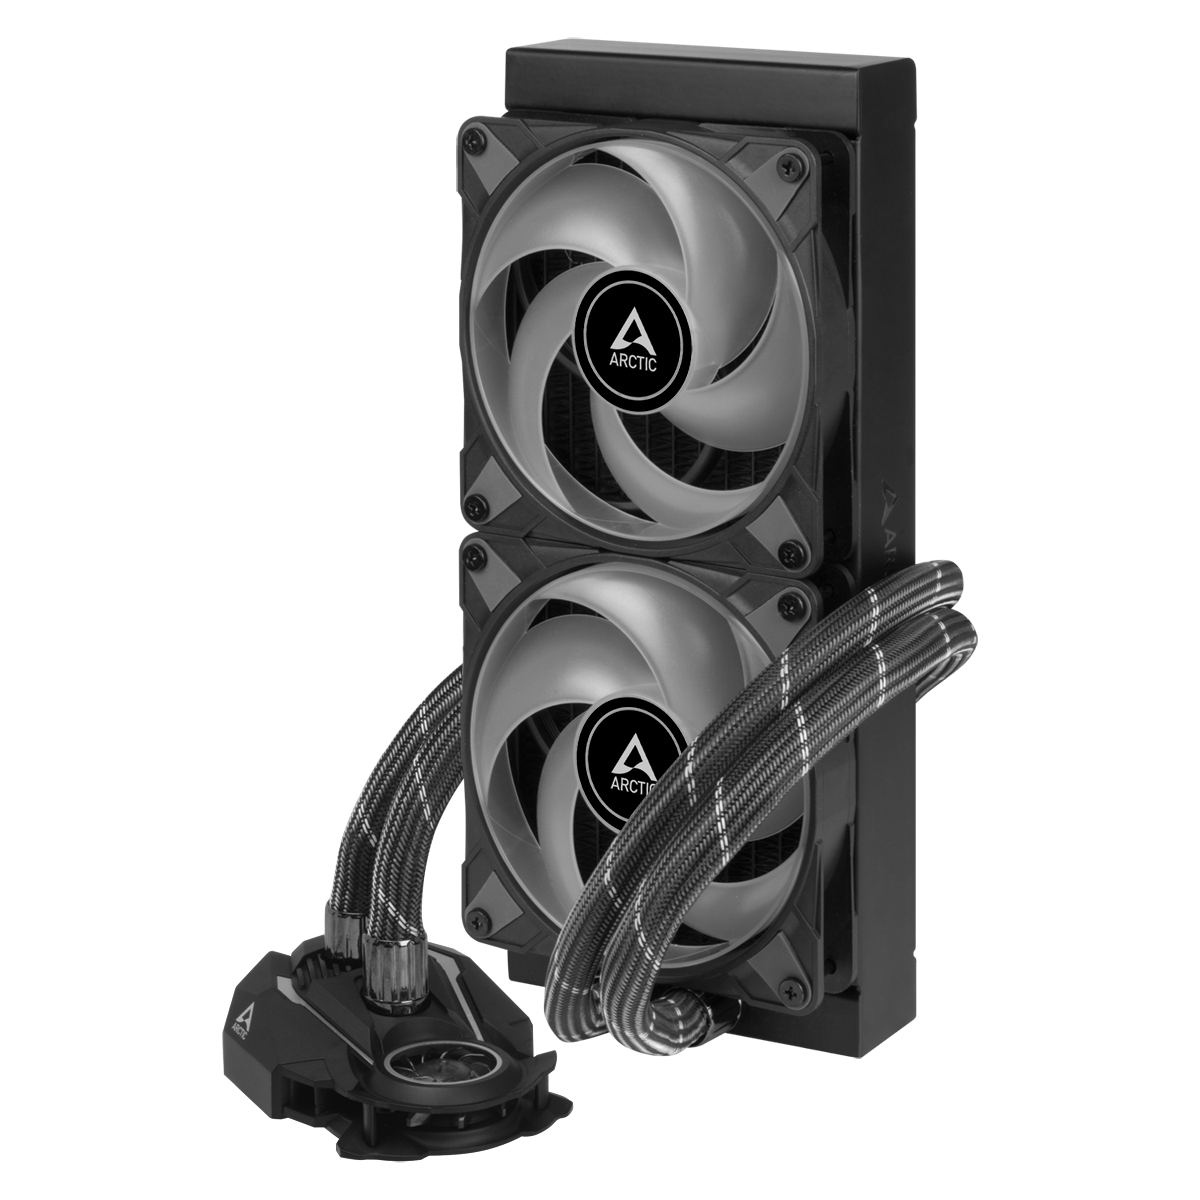 Охладител за процесор Arctic Freezer II A-RGB (240mm), водно охлаждане, ACFRE00098A AMD/Intel-4